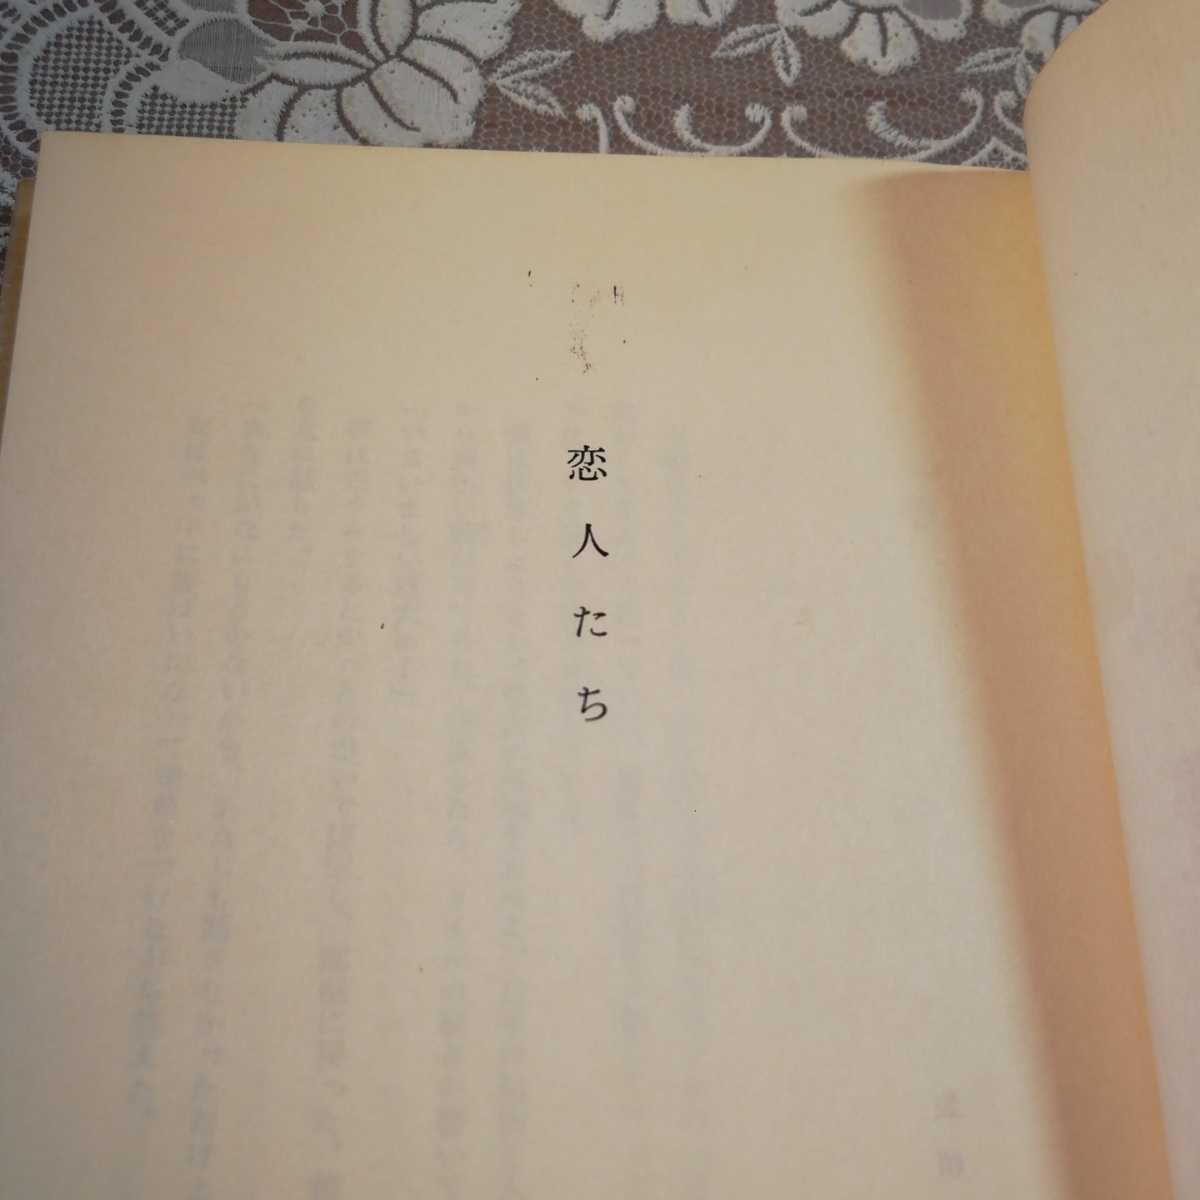 恋人たち 立原正秋著 昭和49年発行 初版本